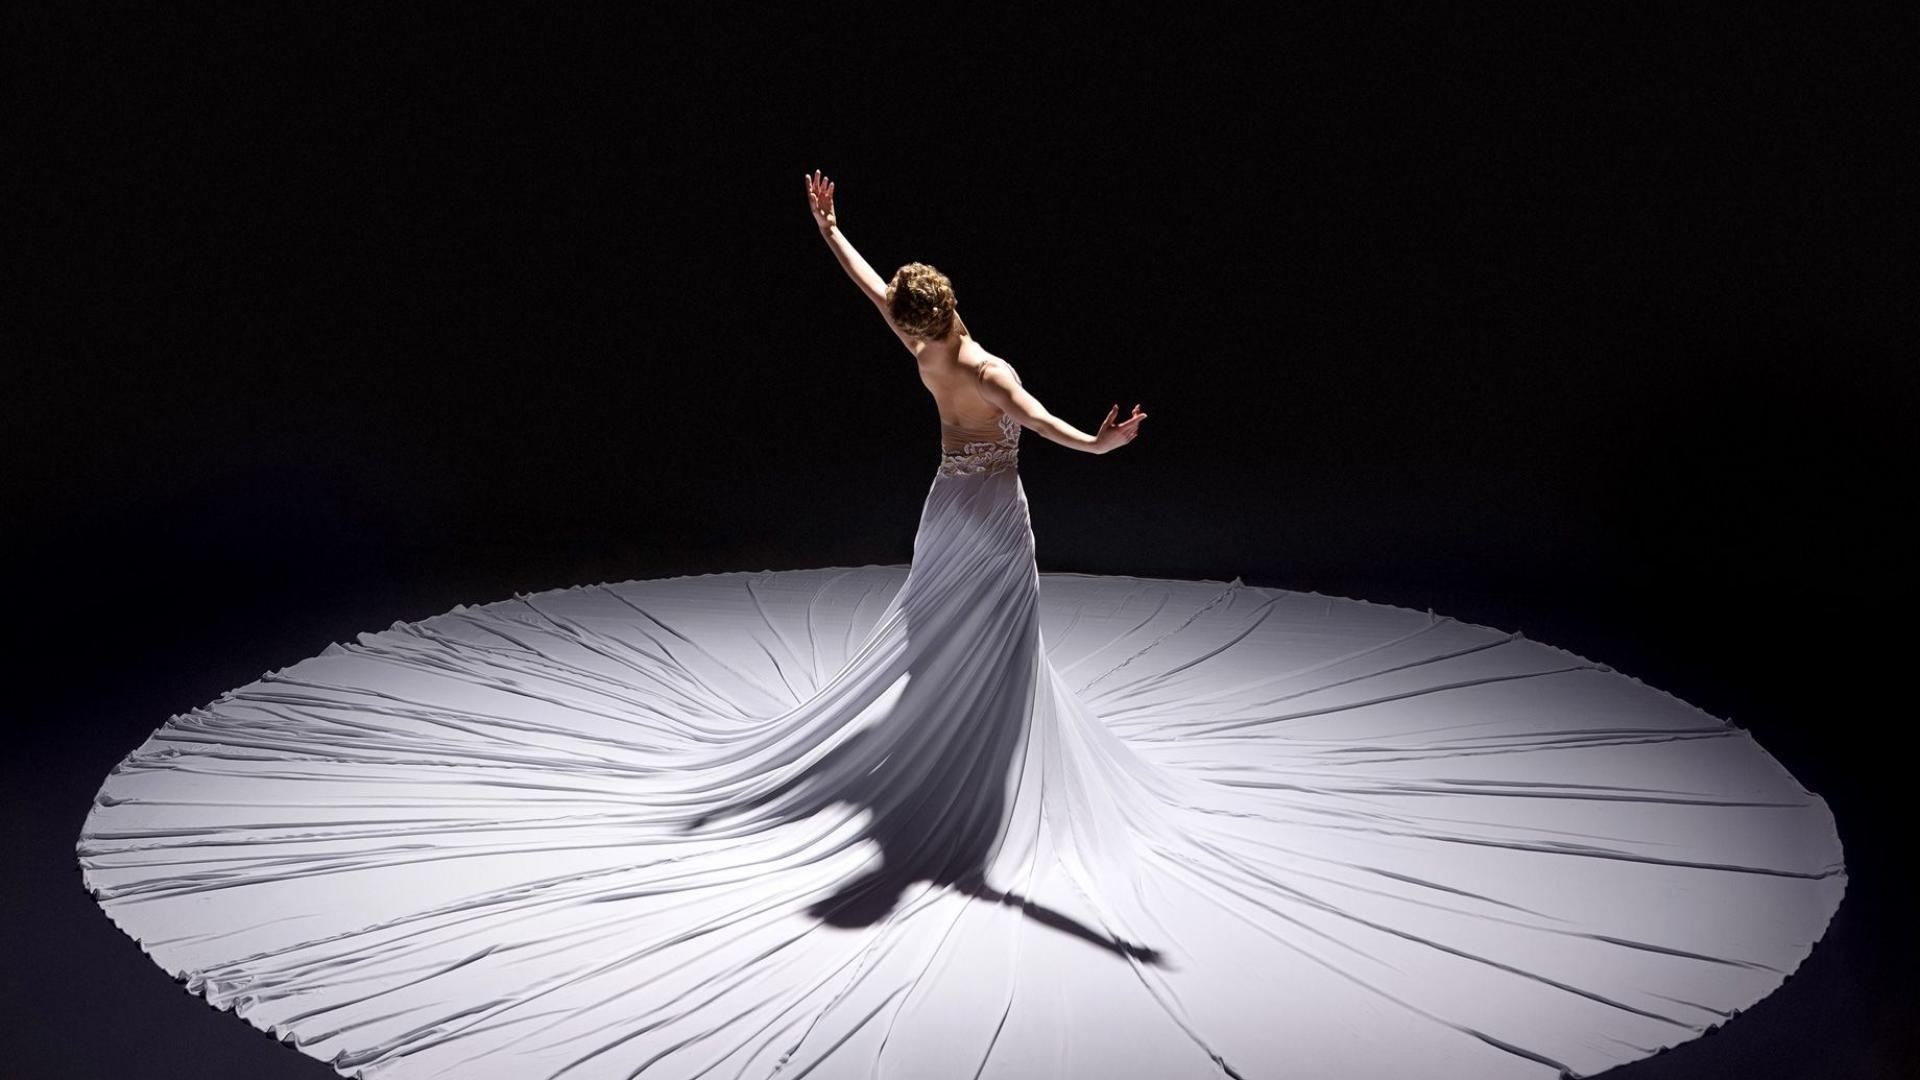 Ballet Dance Wallpapers Wallpaper Cave